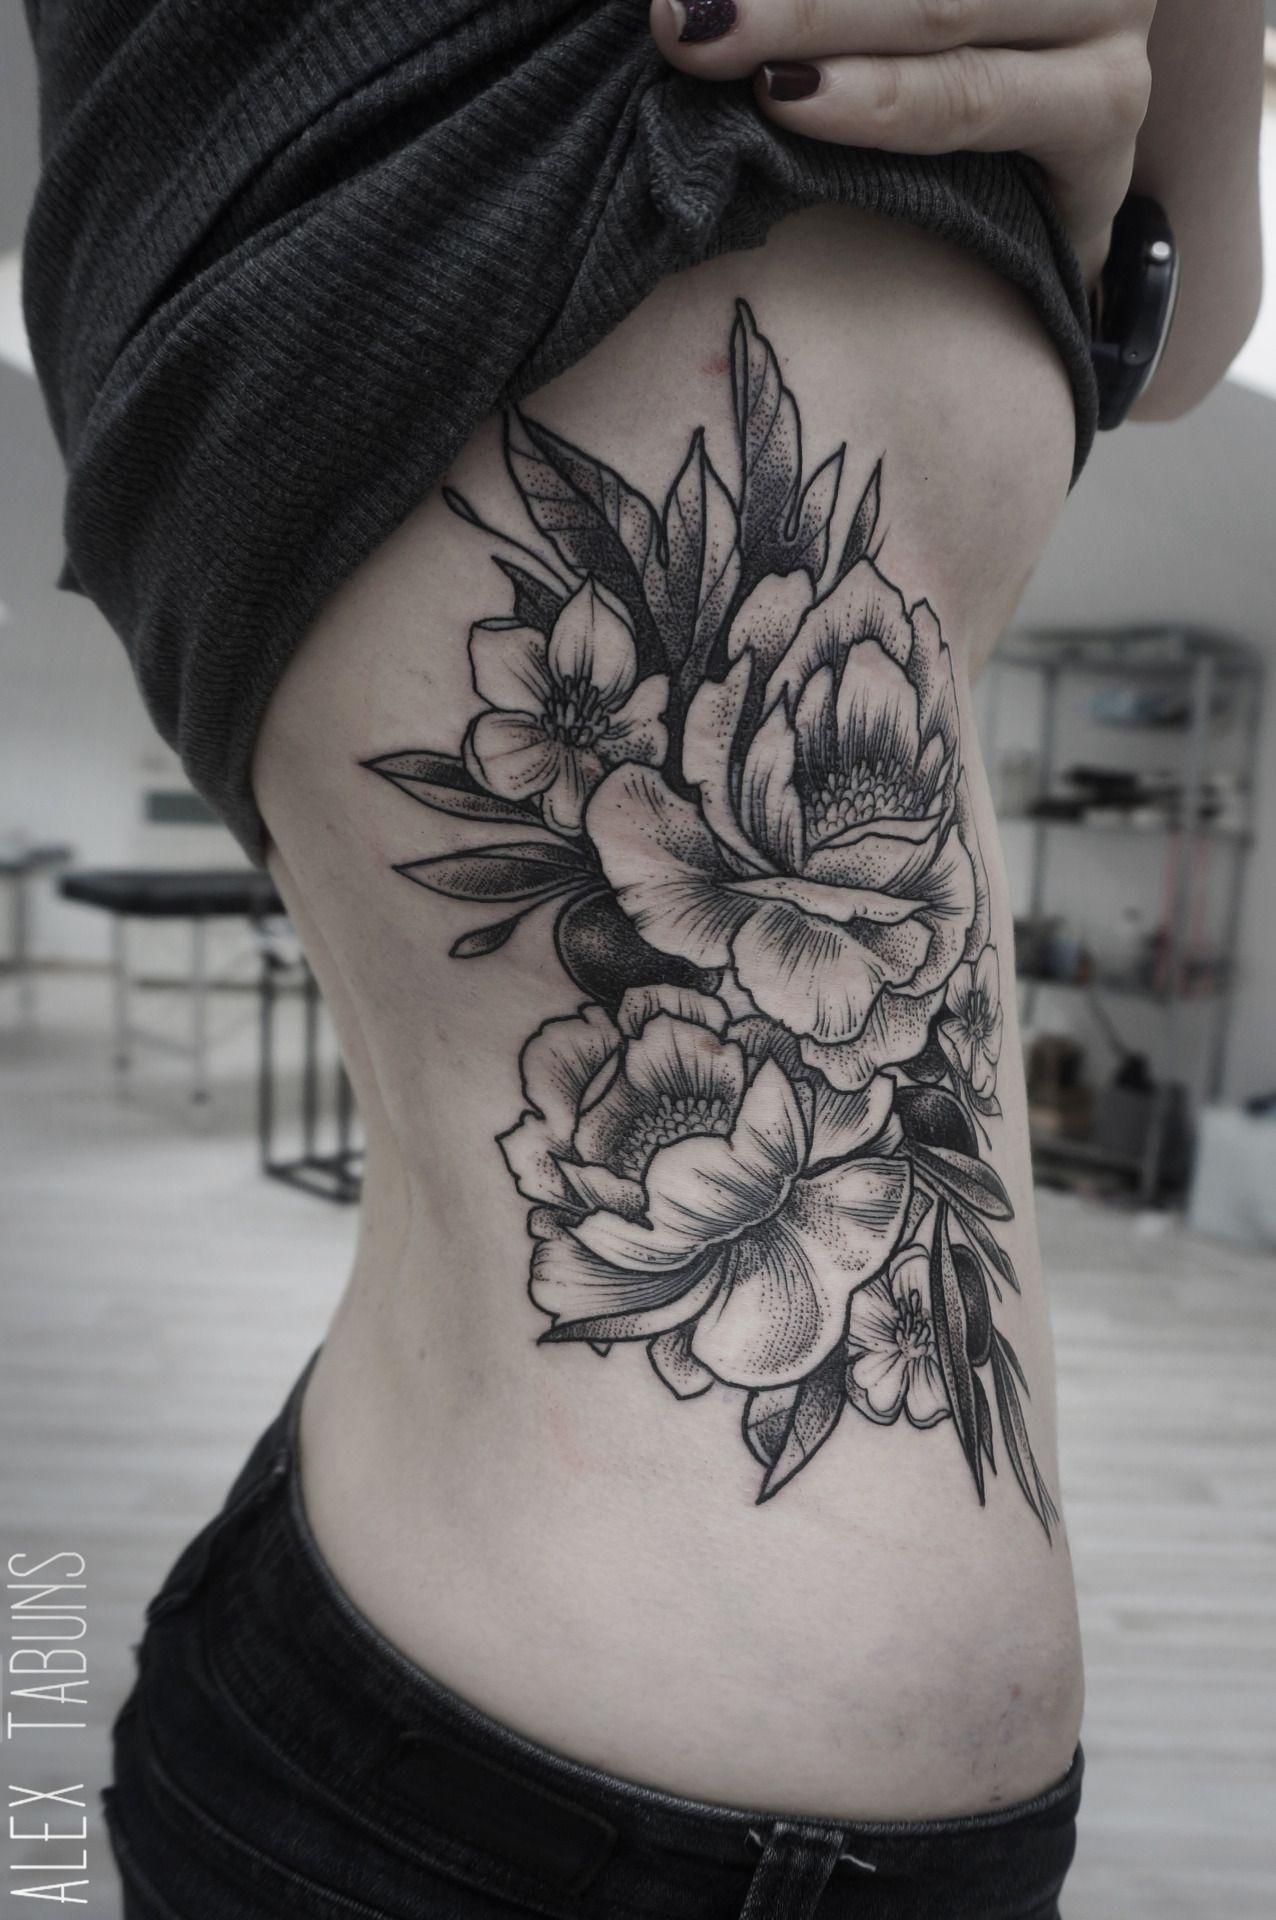 Alex tabuns new tattoo pinterest alex tabuns russia and tattoo